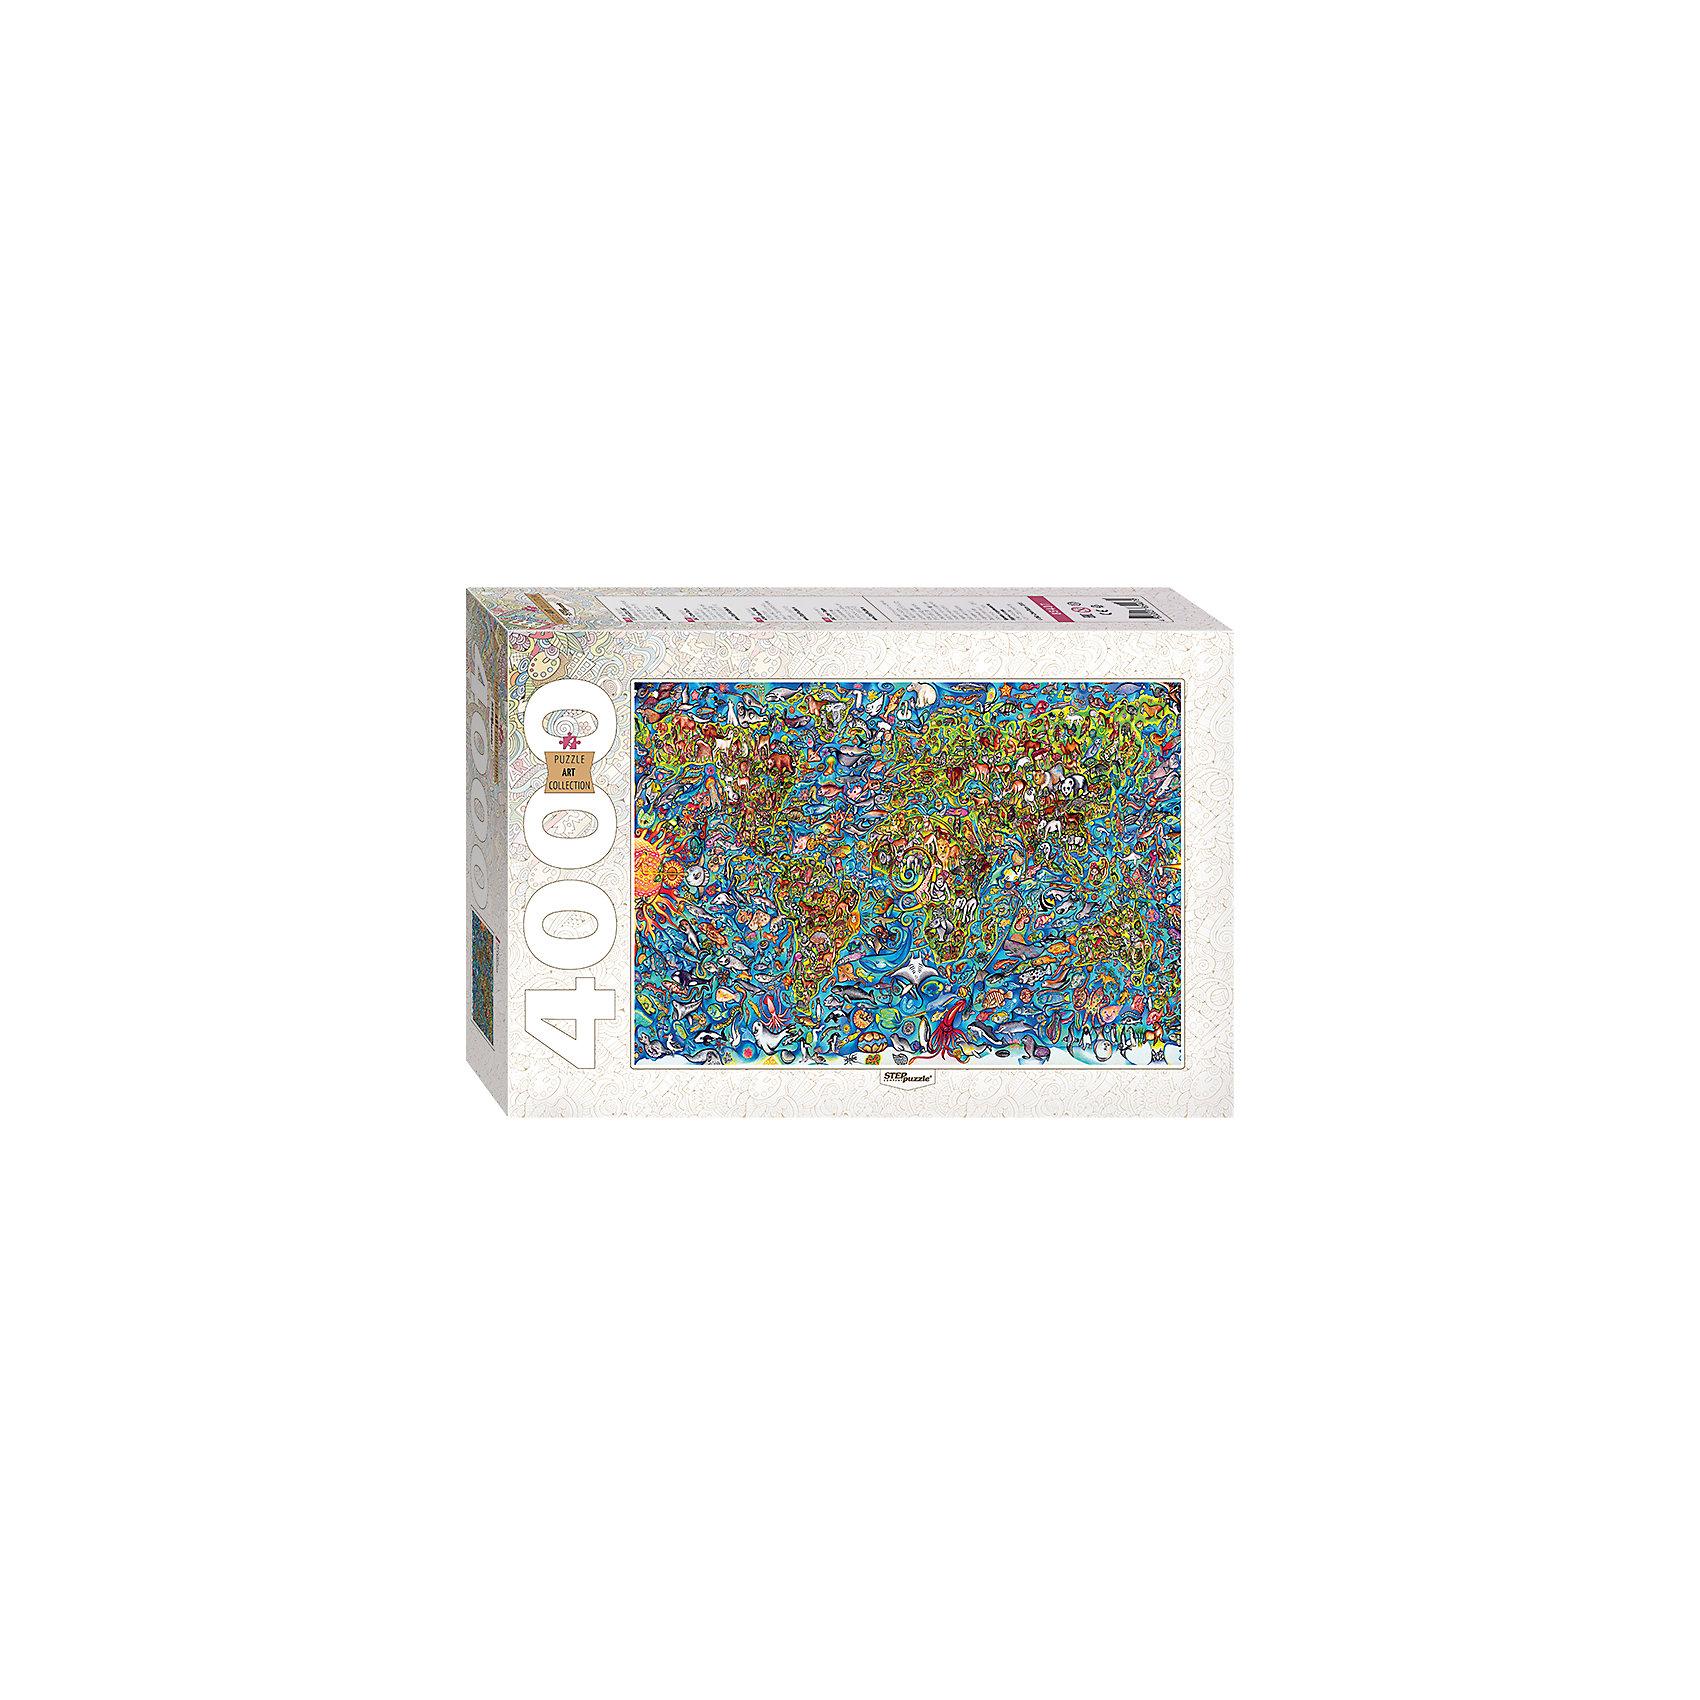 Пазл, 4000 деталей, Карта мира, Step PuzzleПазлы для детей постарше<br><br><br>Ширина мм: 400<br>Глубина мм: 270<br>Высота мм: 85<br>Вес г: 2000<br>Возраст от месяцев: 120<br>Возраст до месяцев: 2147483647<br>Пол: Унисекс<br>Возраст: Детский<br>SKU: 6894222